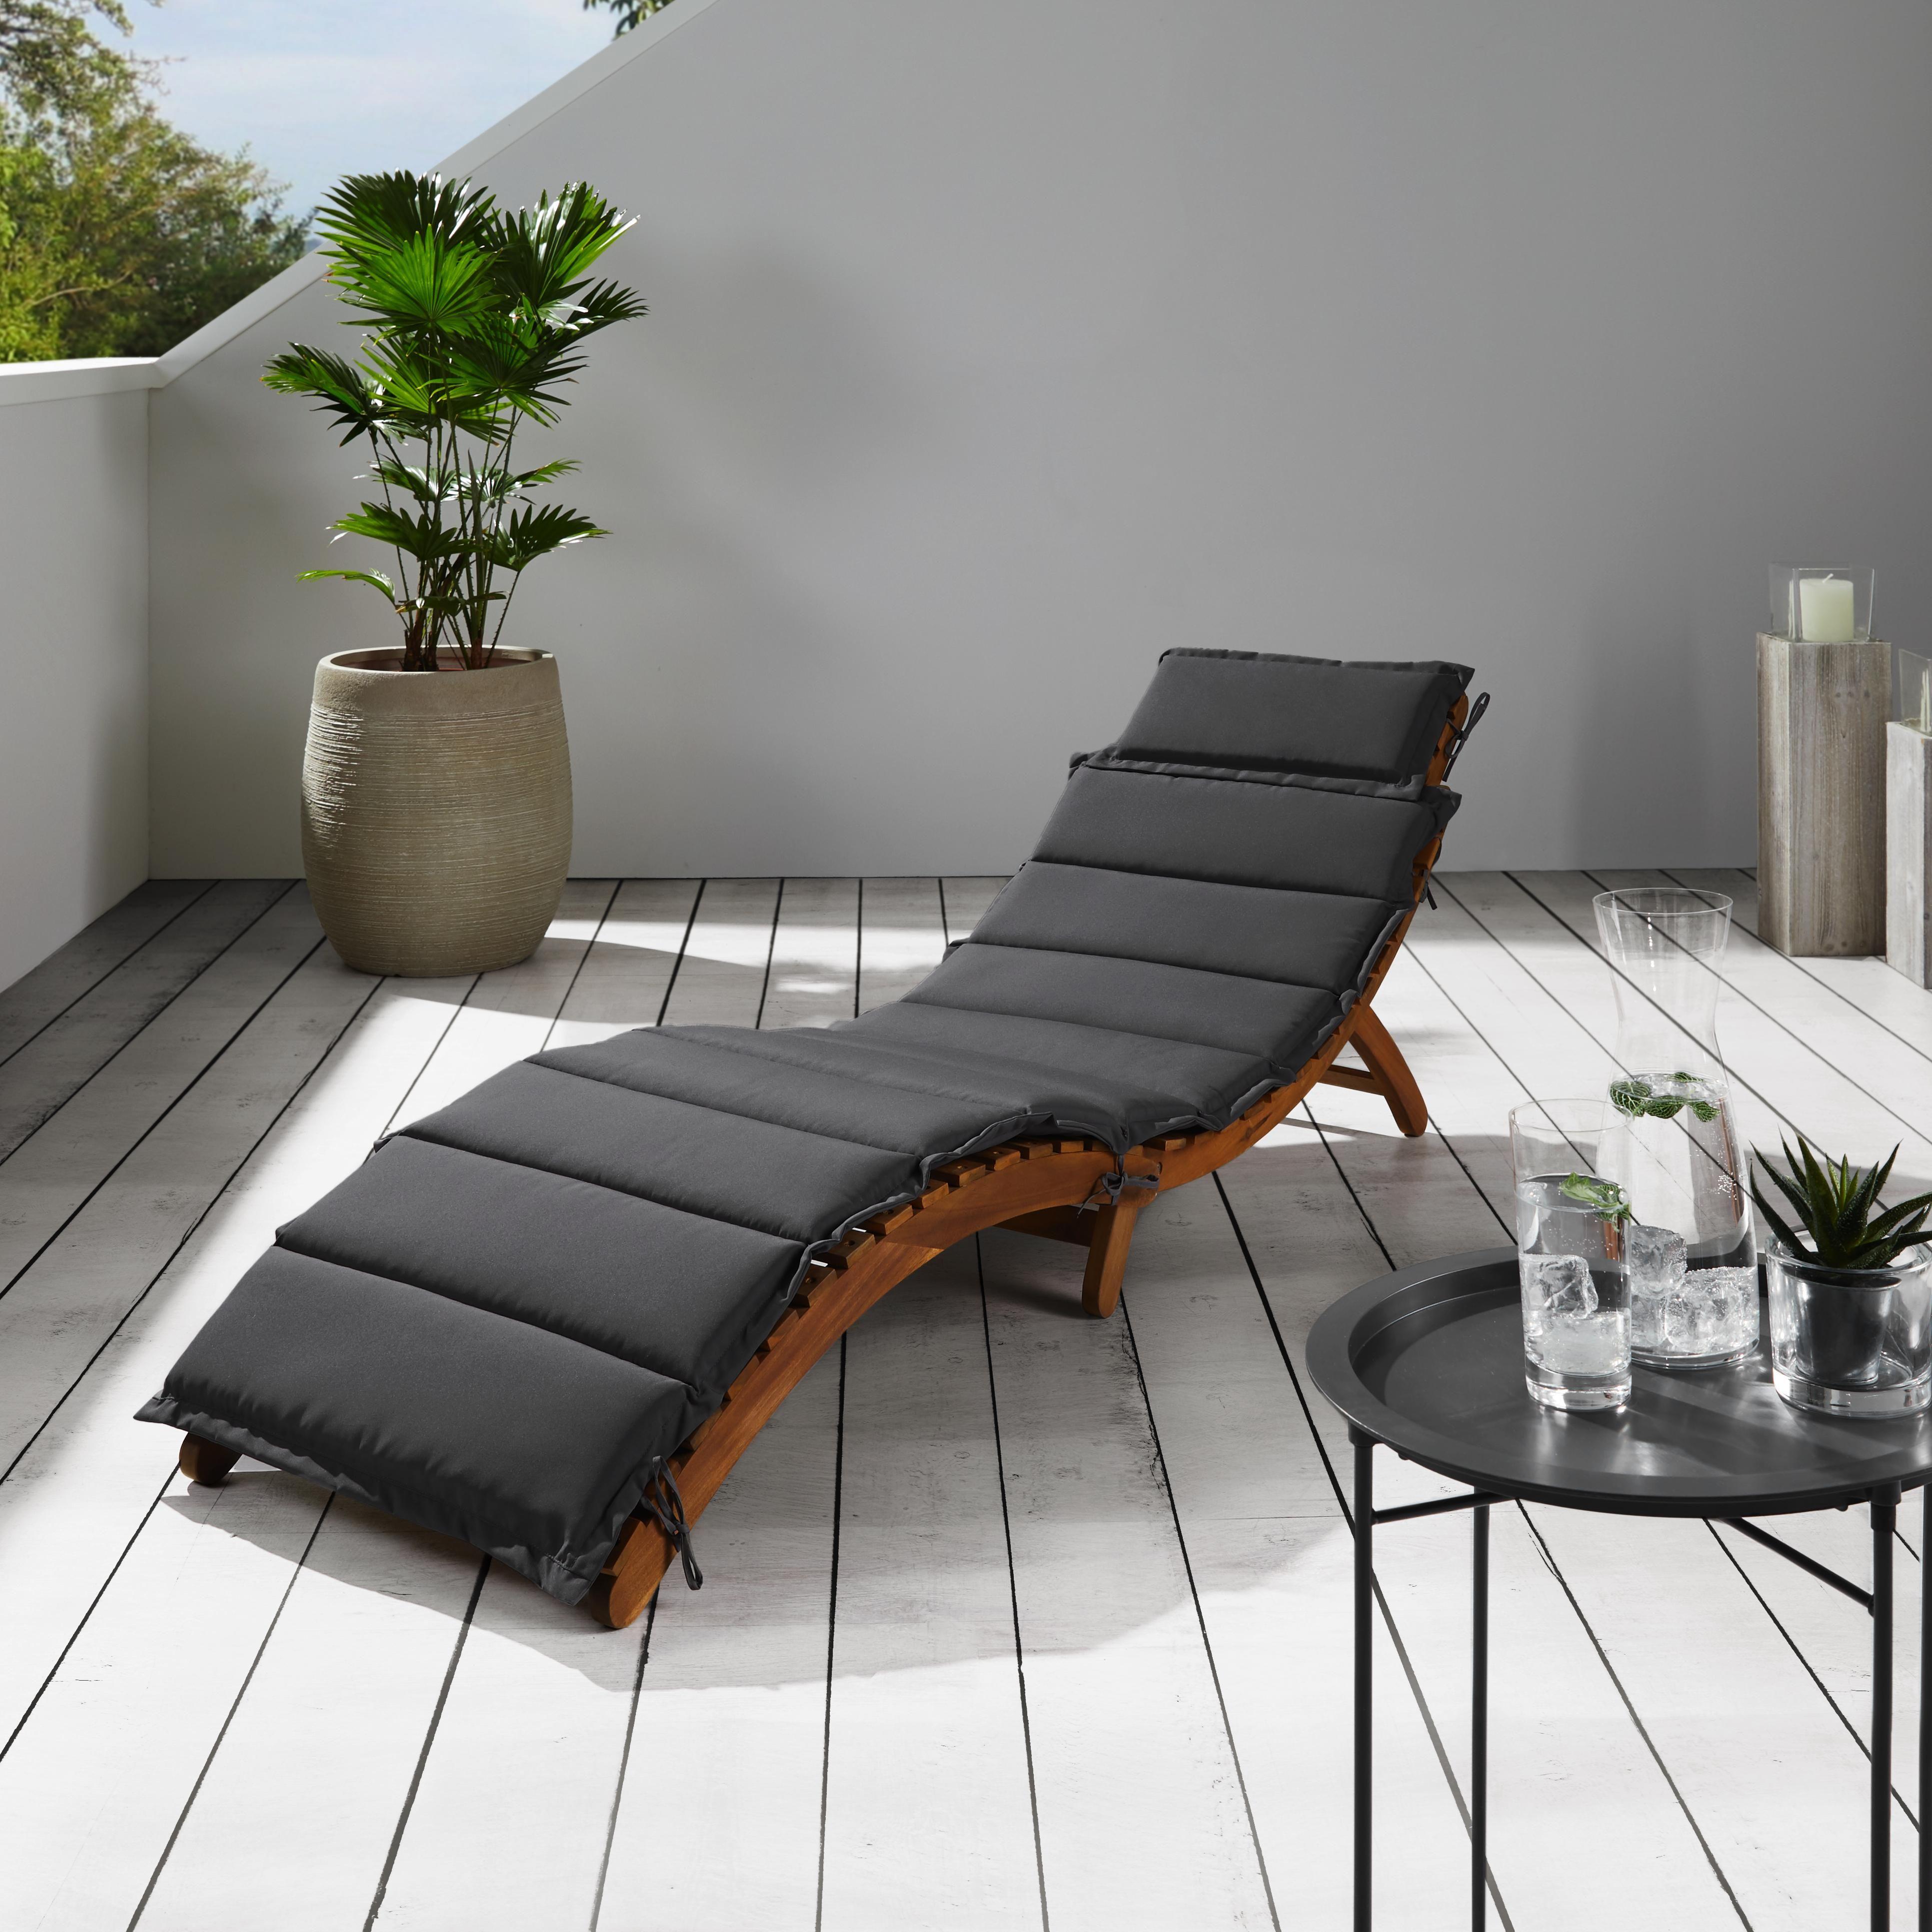 Gartenliege Bora aus Akazienholz inkl. Auflage - Schwarz, MODERN, Holz/Textil (186/54/56cm) - Modern Living